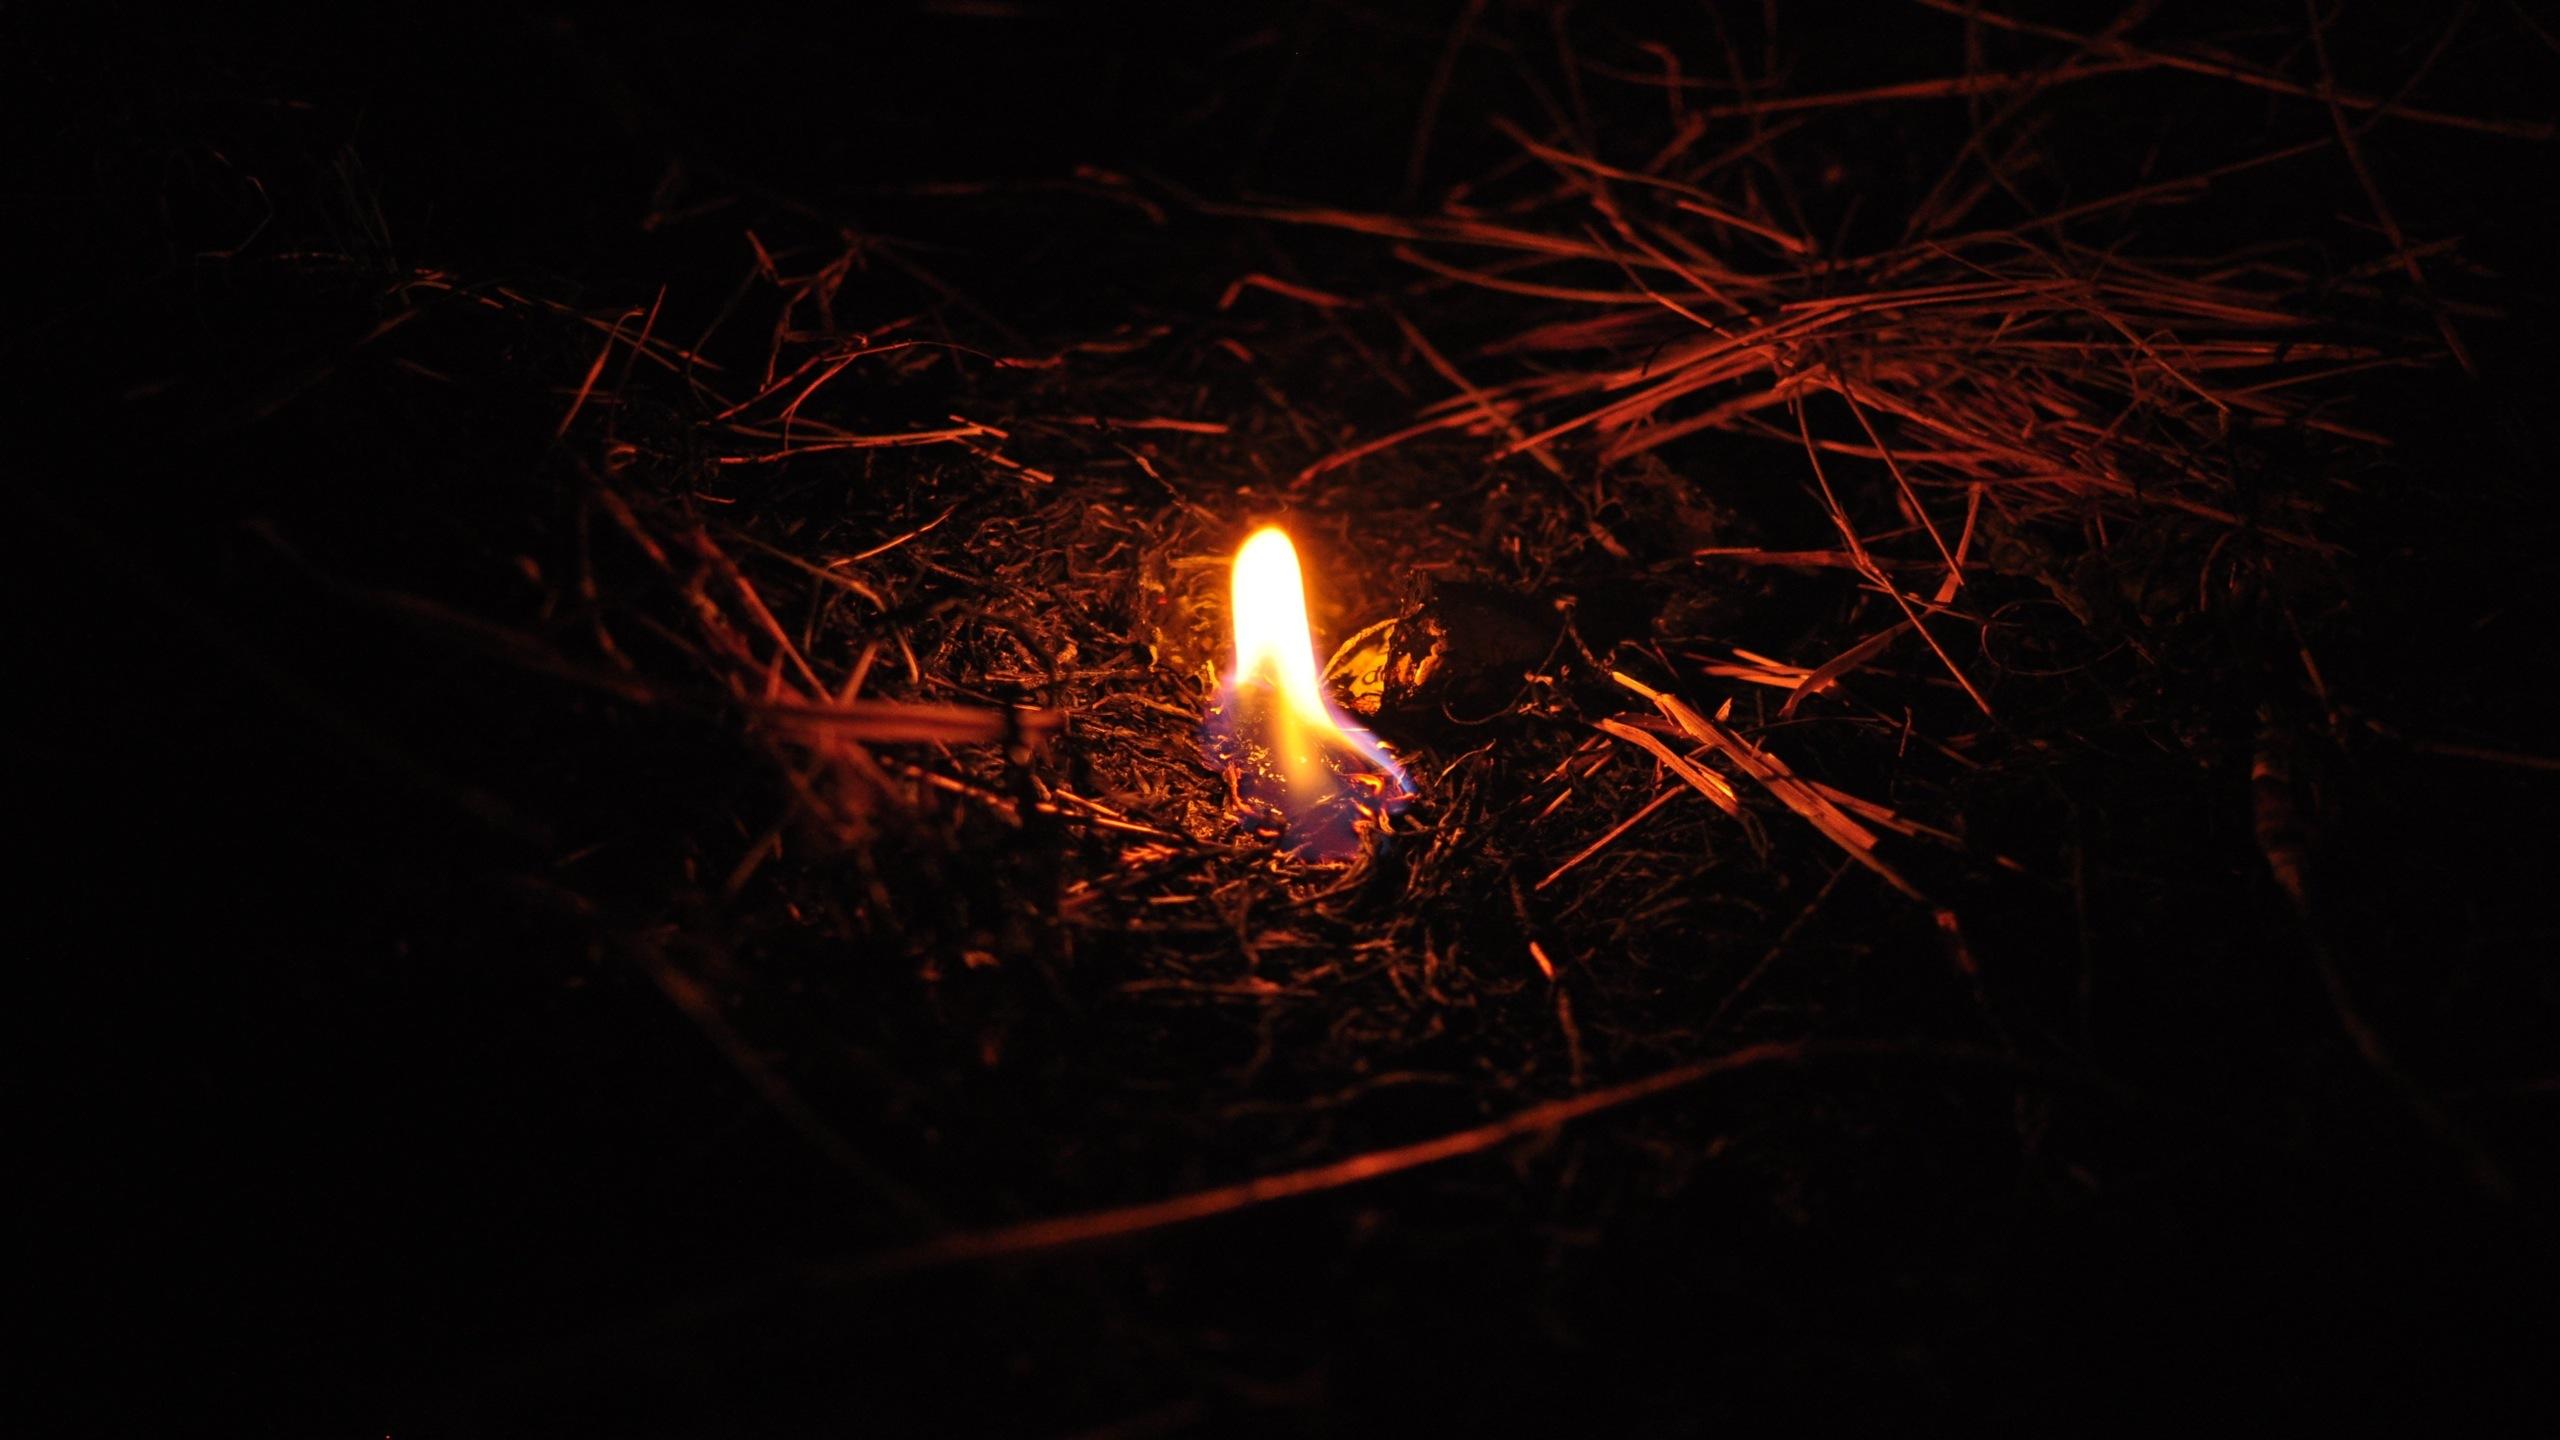 Drak Flame